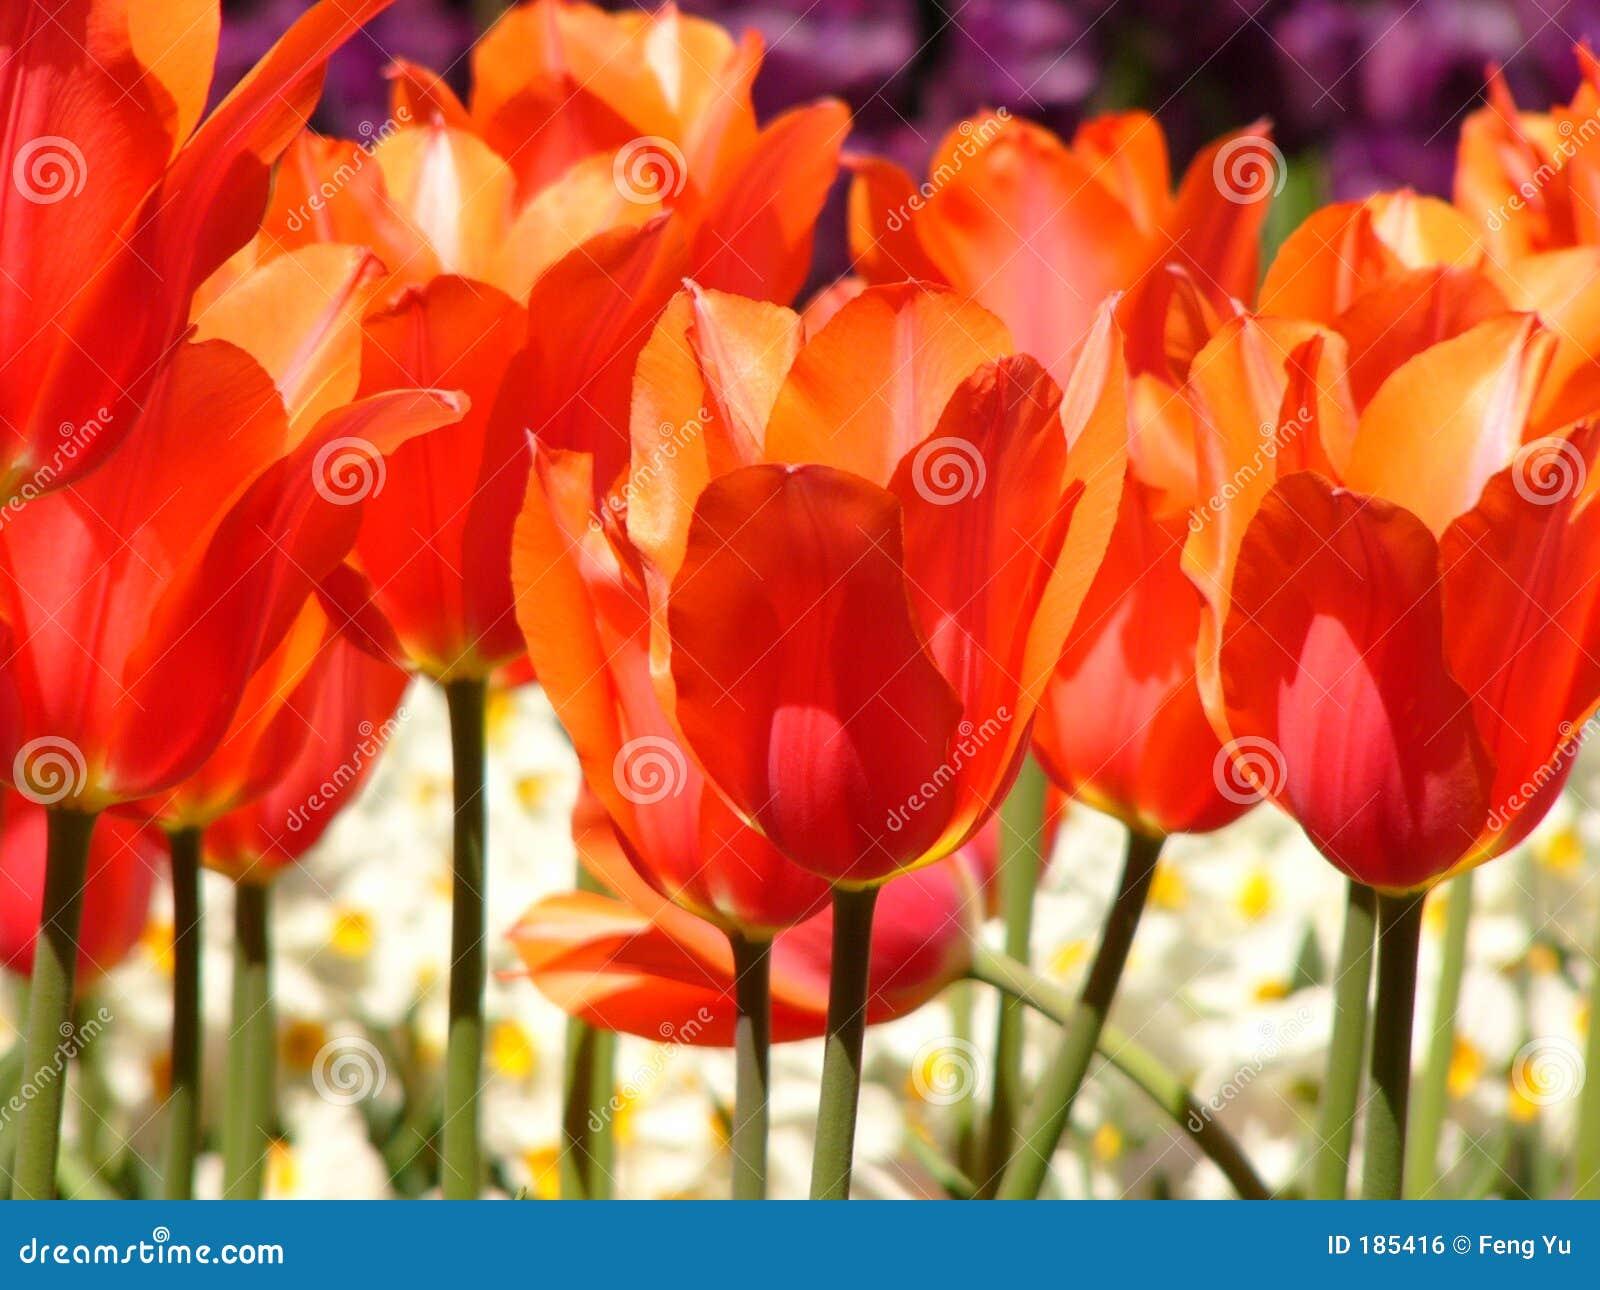 Download 红色郁金香 库存照片. 图片 包括有 庭院, 工厂, beauvoir, 增长, 词根, 颜色, 红色, 郁金香 - 185416